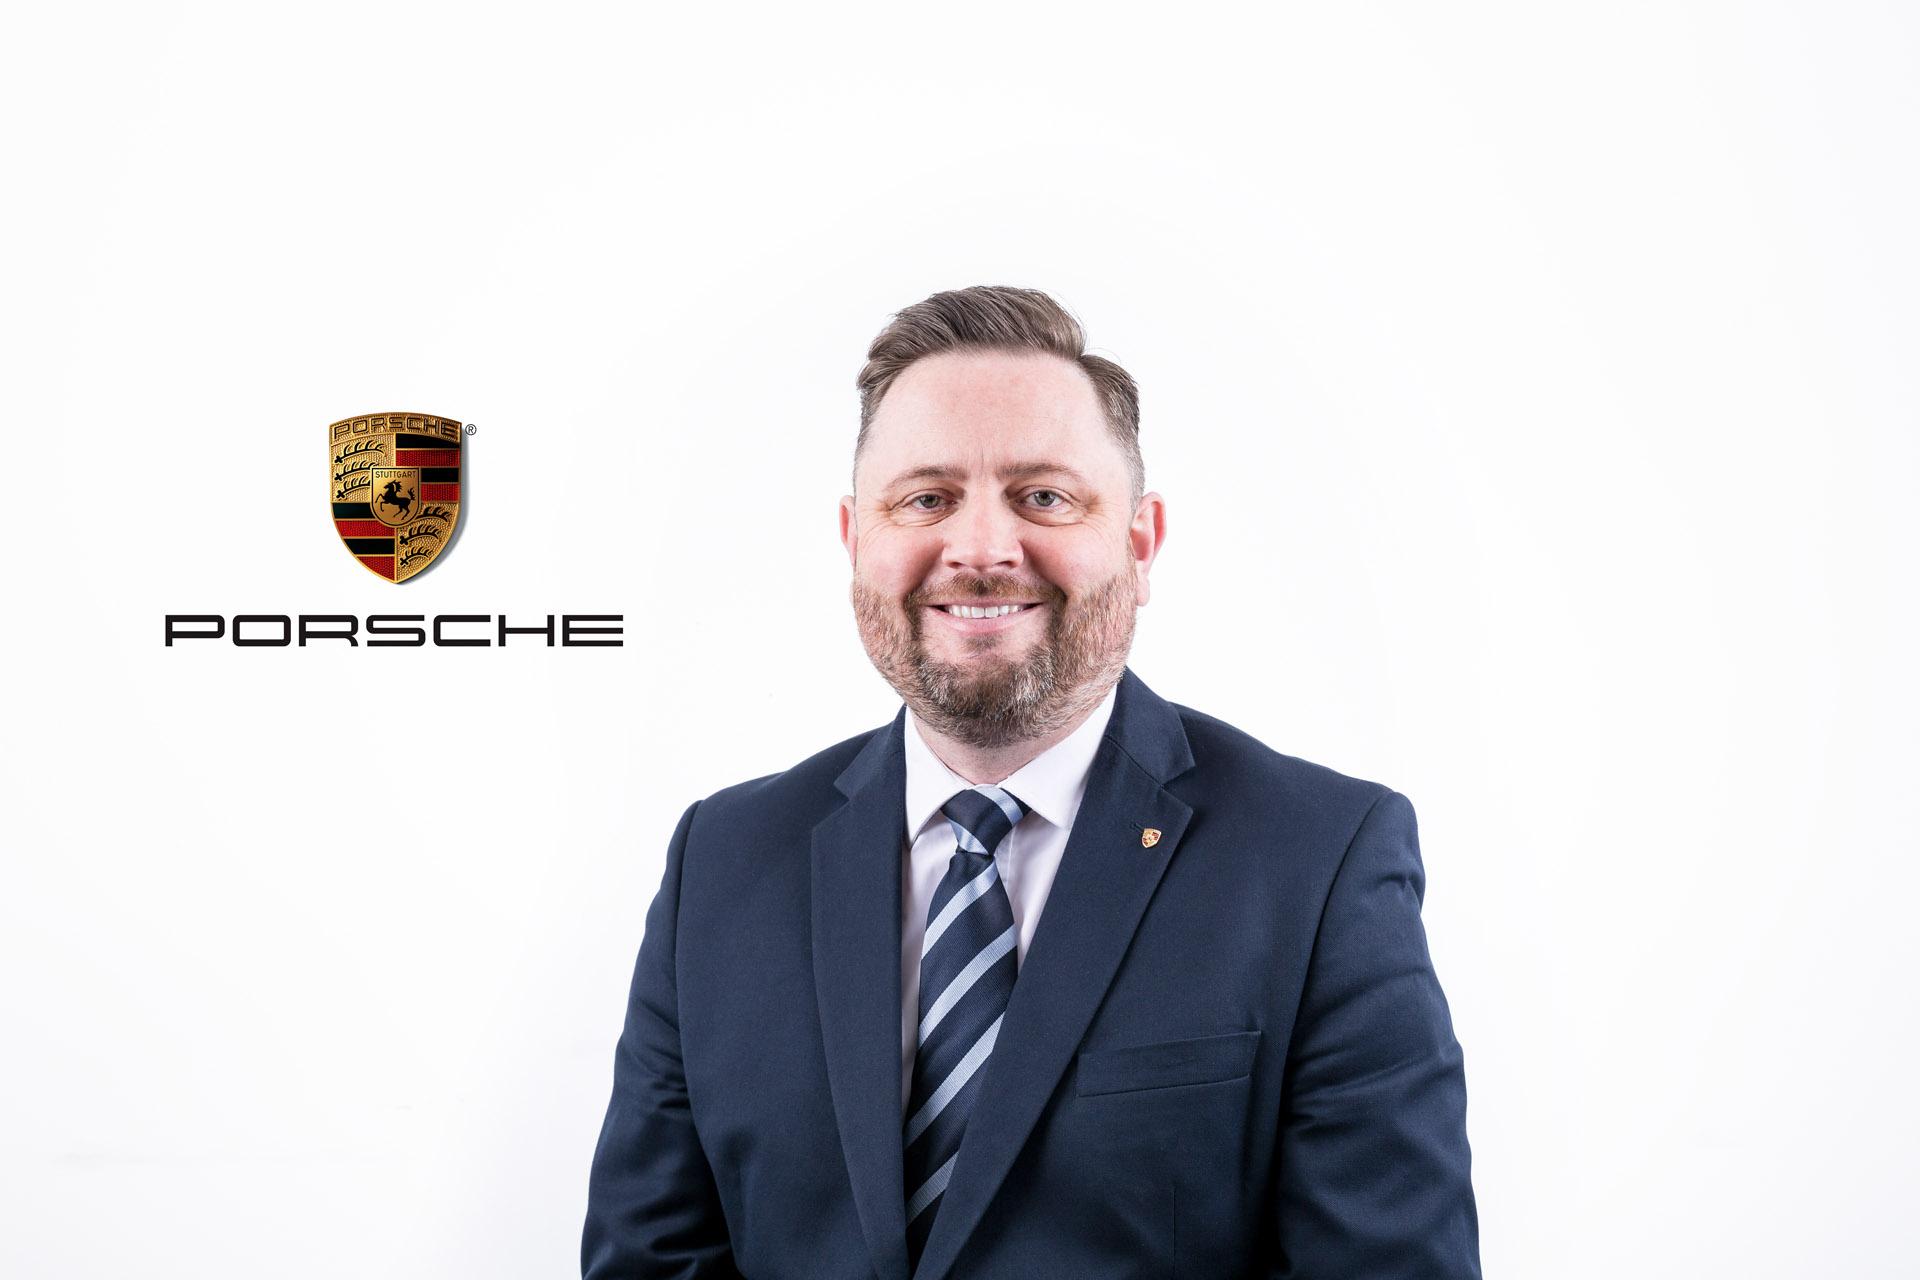 Porsche Centre Sheffield Portrait Photography IDEA Design Photographer